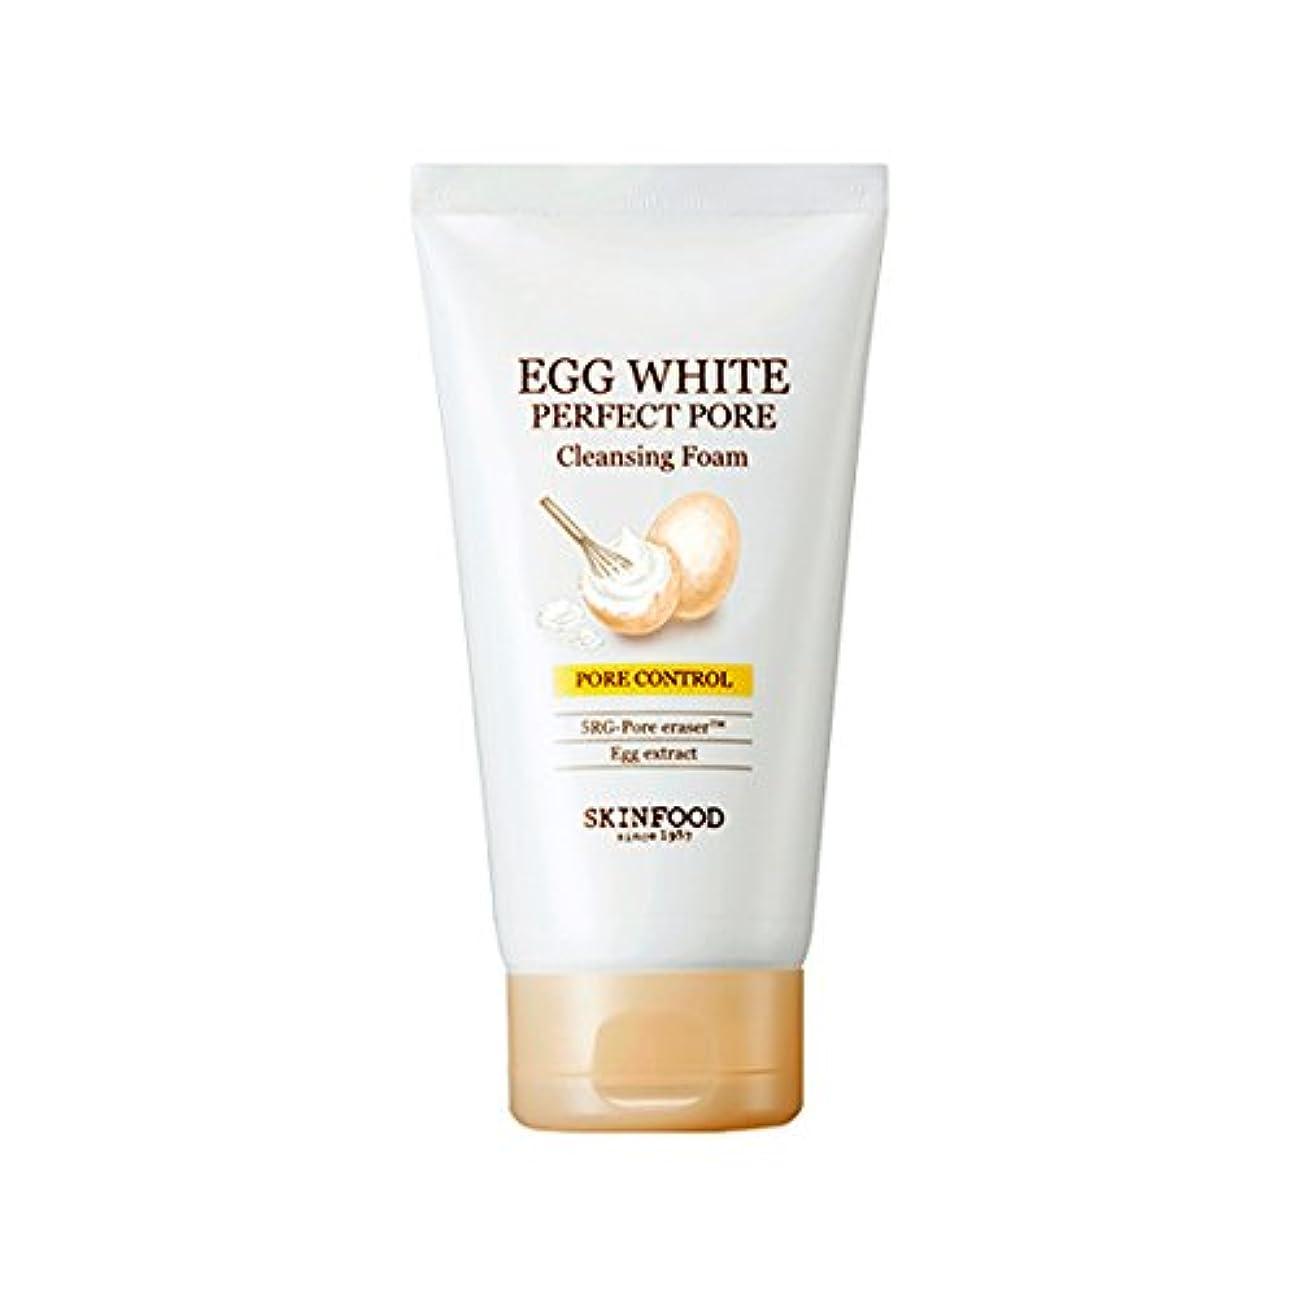 ギャラリー丁寧エイリアン[2017 New] SKINFOOD Egg White Perfect Pore Cleansing Foam 150ml/スキンフード エッグ ホワイト パーフェクト ポア クレンジング フォーム 150ml [並行輸入品]